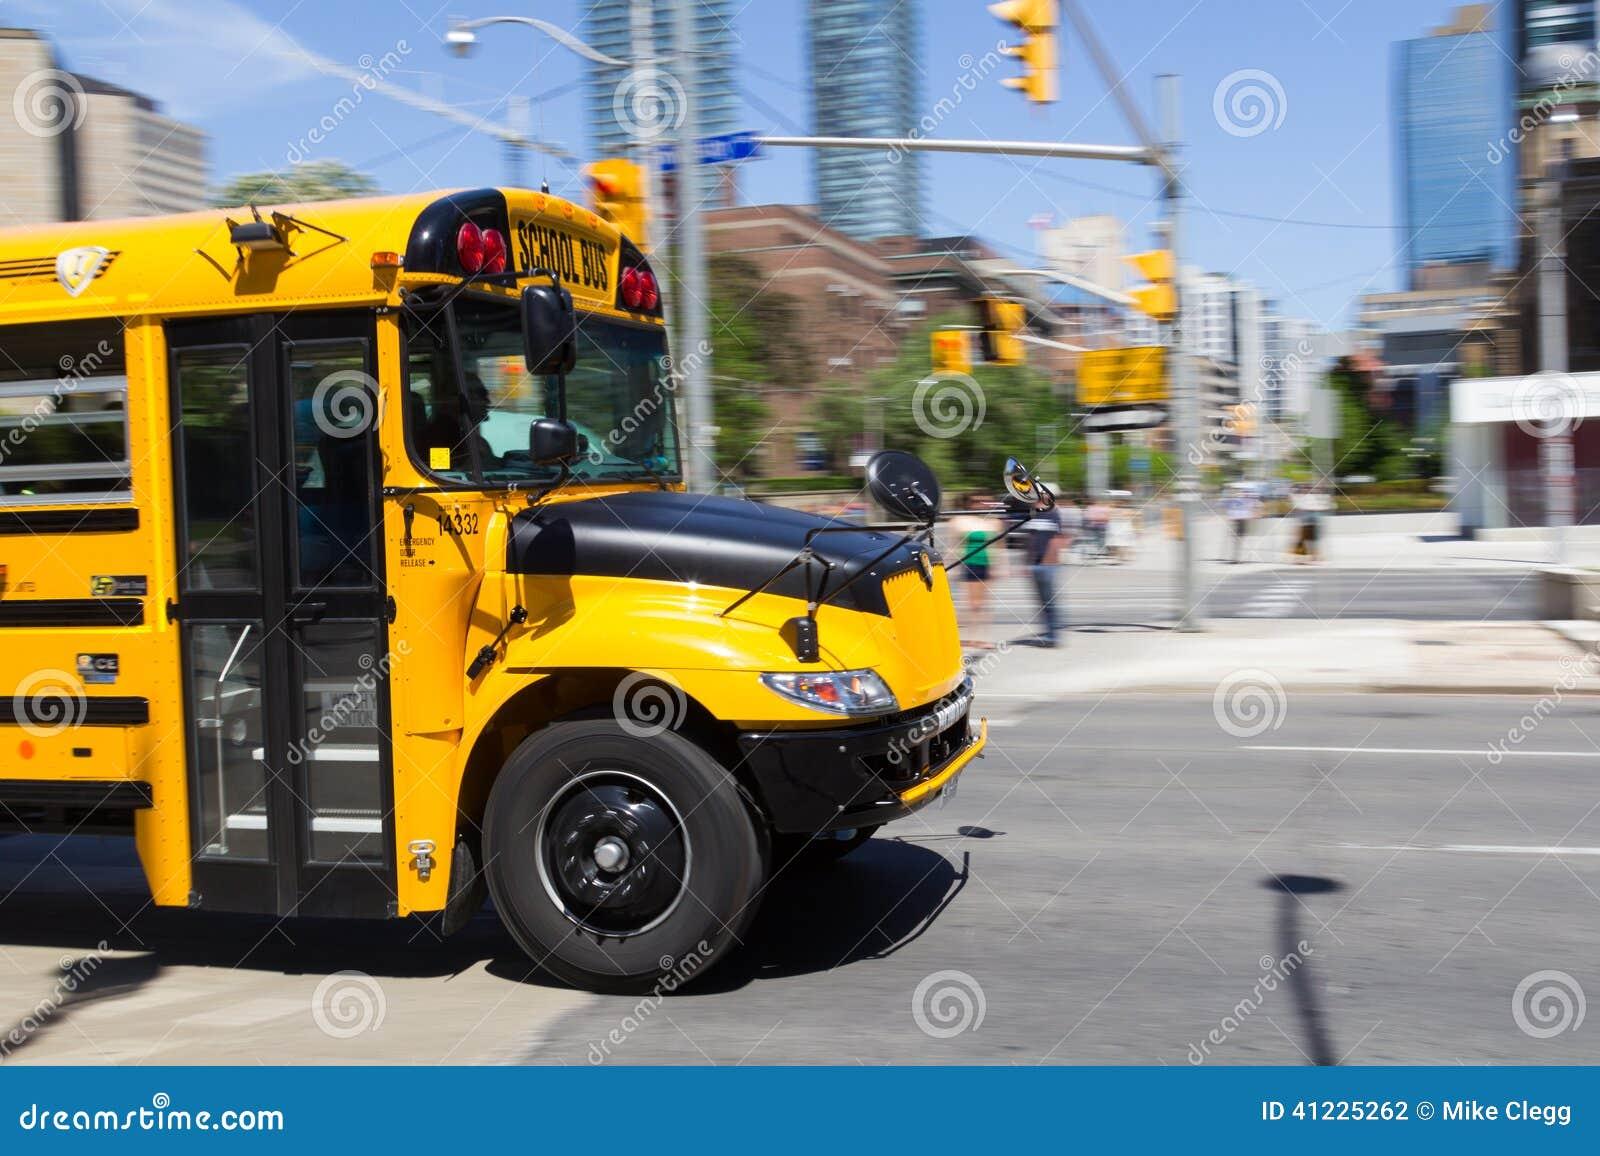 Μέτωπο ενός κινούμενου σχολικού λεωφορείου